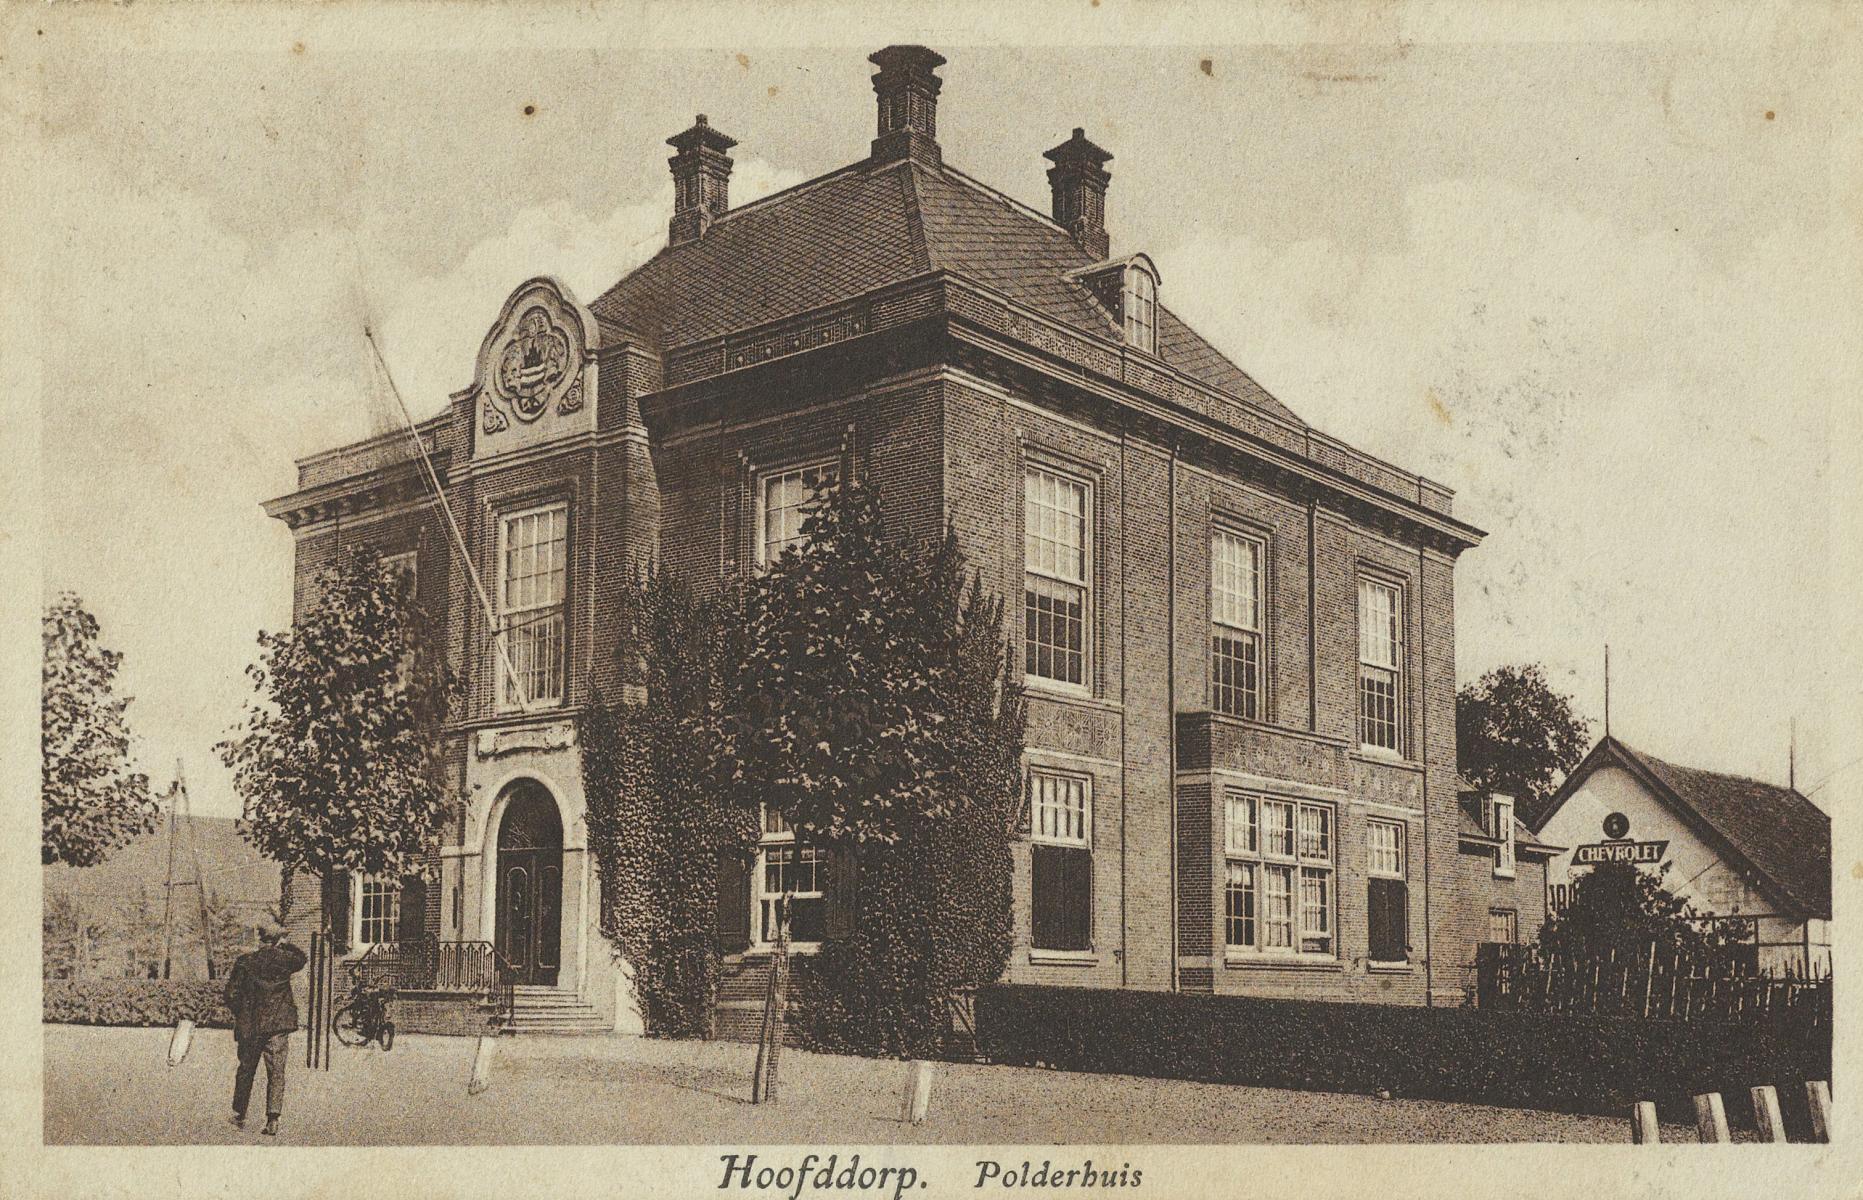 Polderhuis - Noordhollands Archief